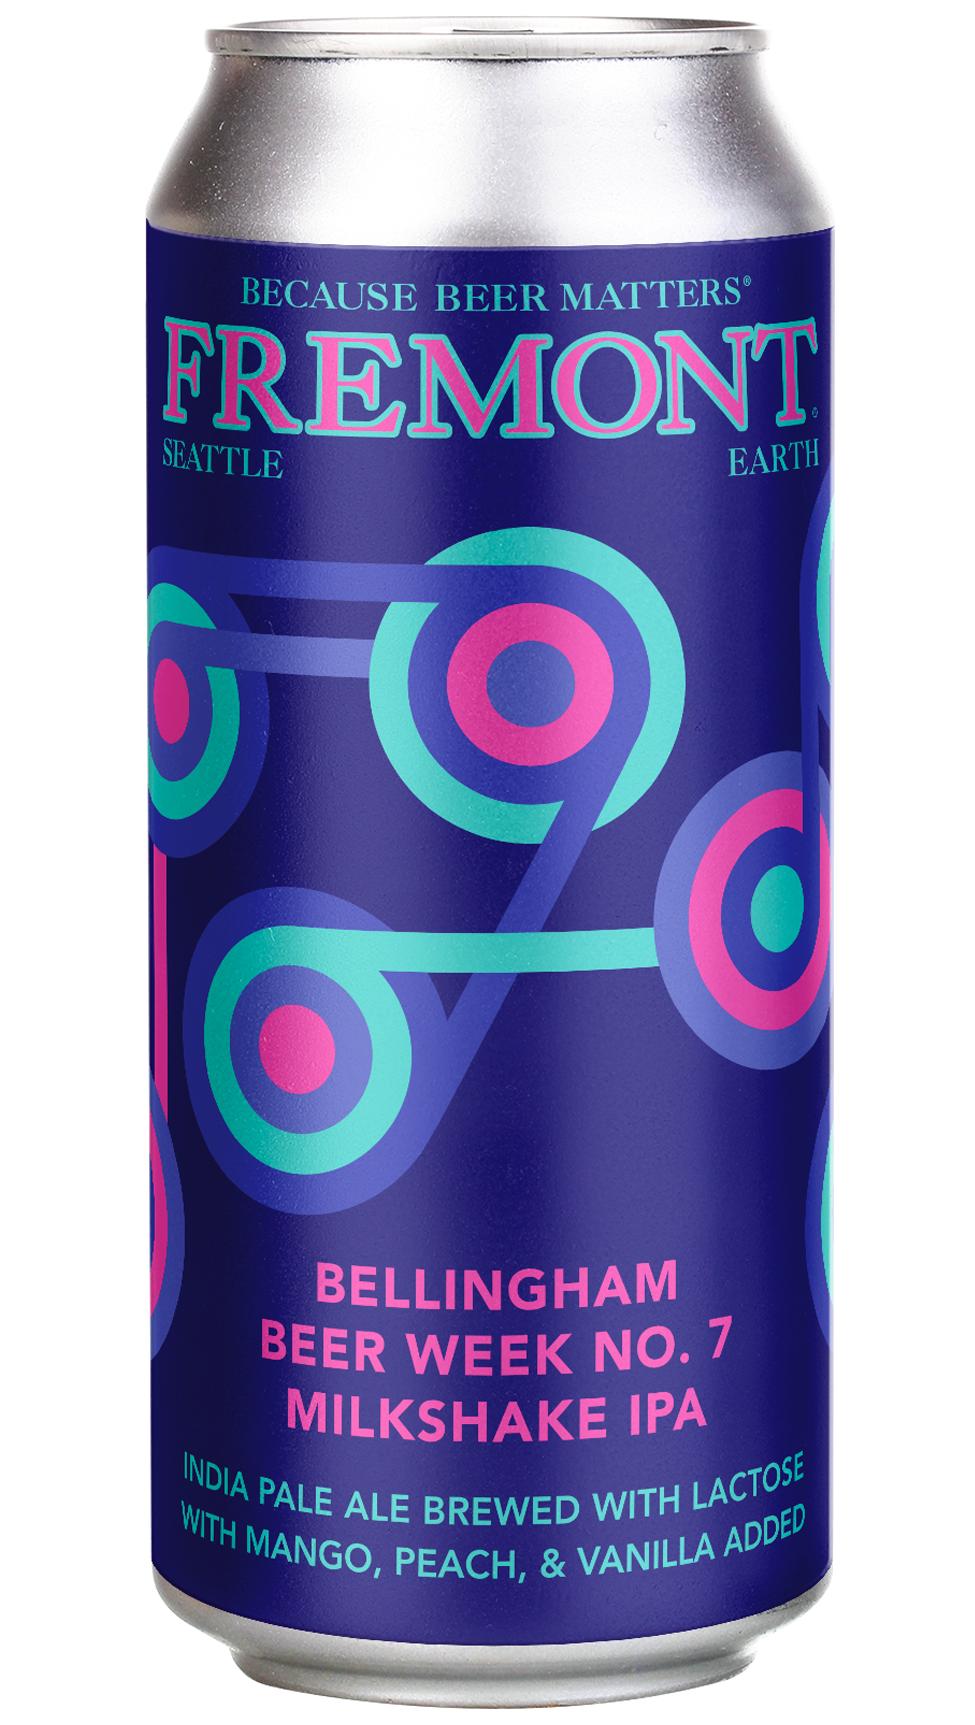 Fremont-Bellingham-Beer-Week-No-7-12oz-can.png